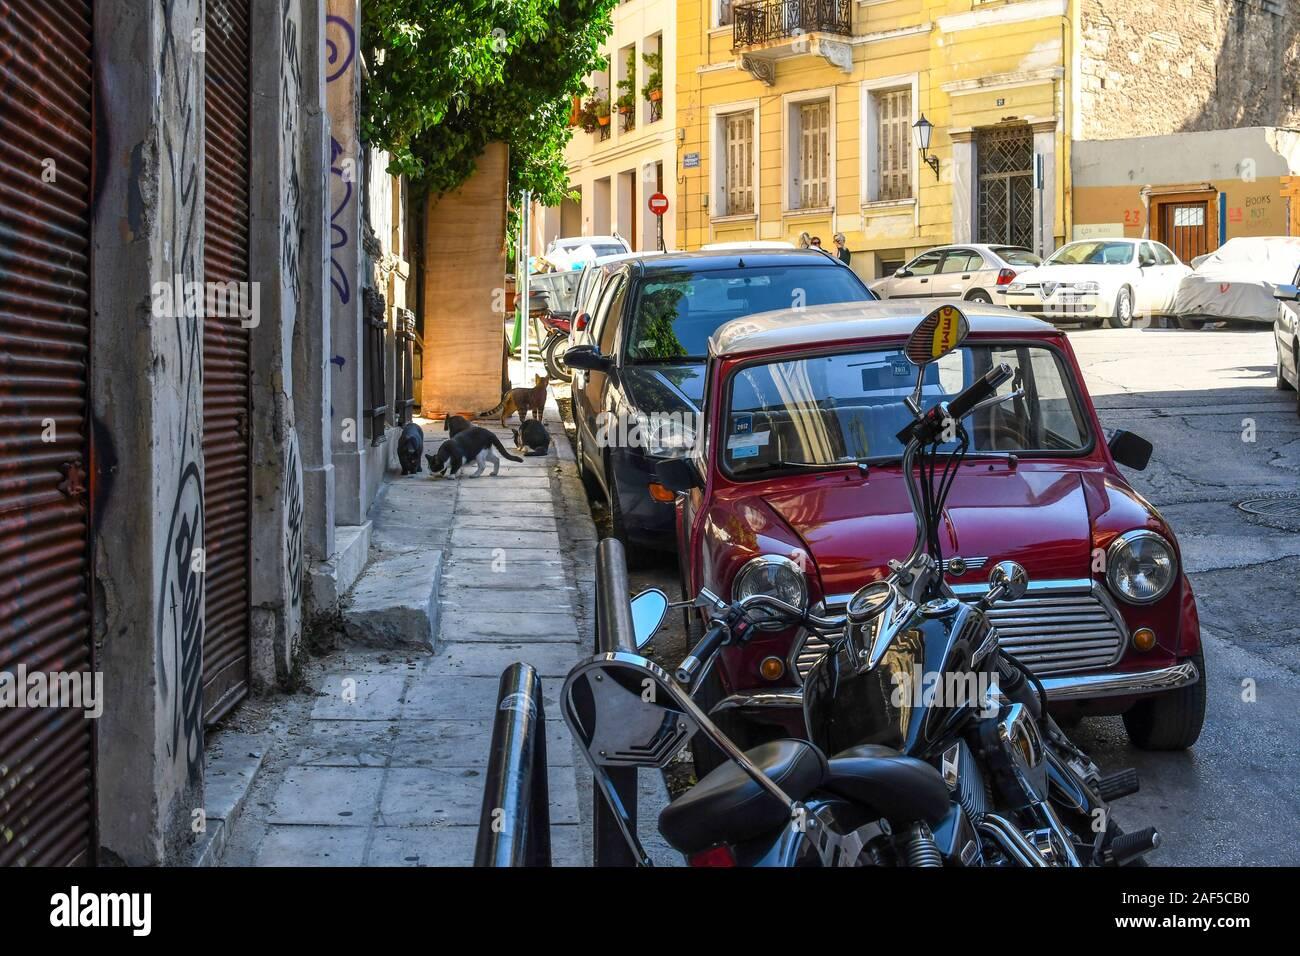 Un groupe de chats sort d'une attente dans un mur sur un trottoir dans la région de Plaka d'Athènes, Grèce. Banque D'Images